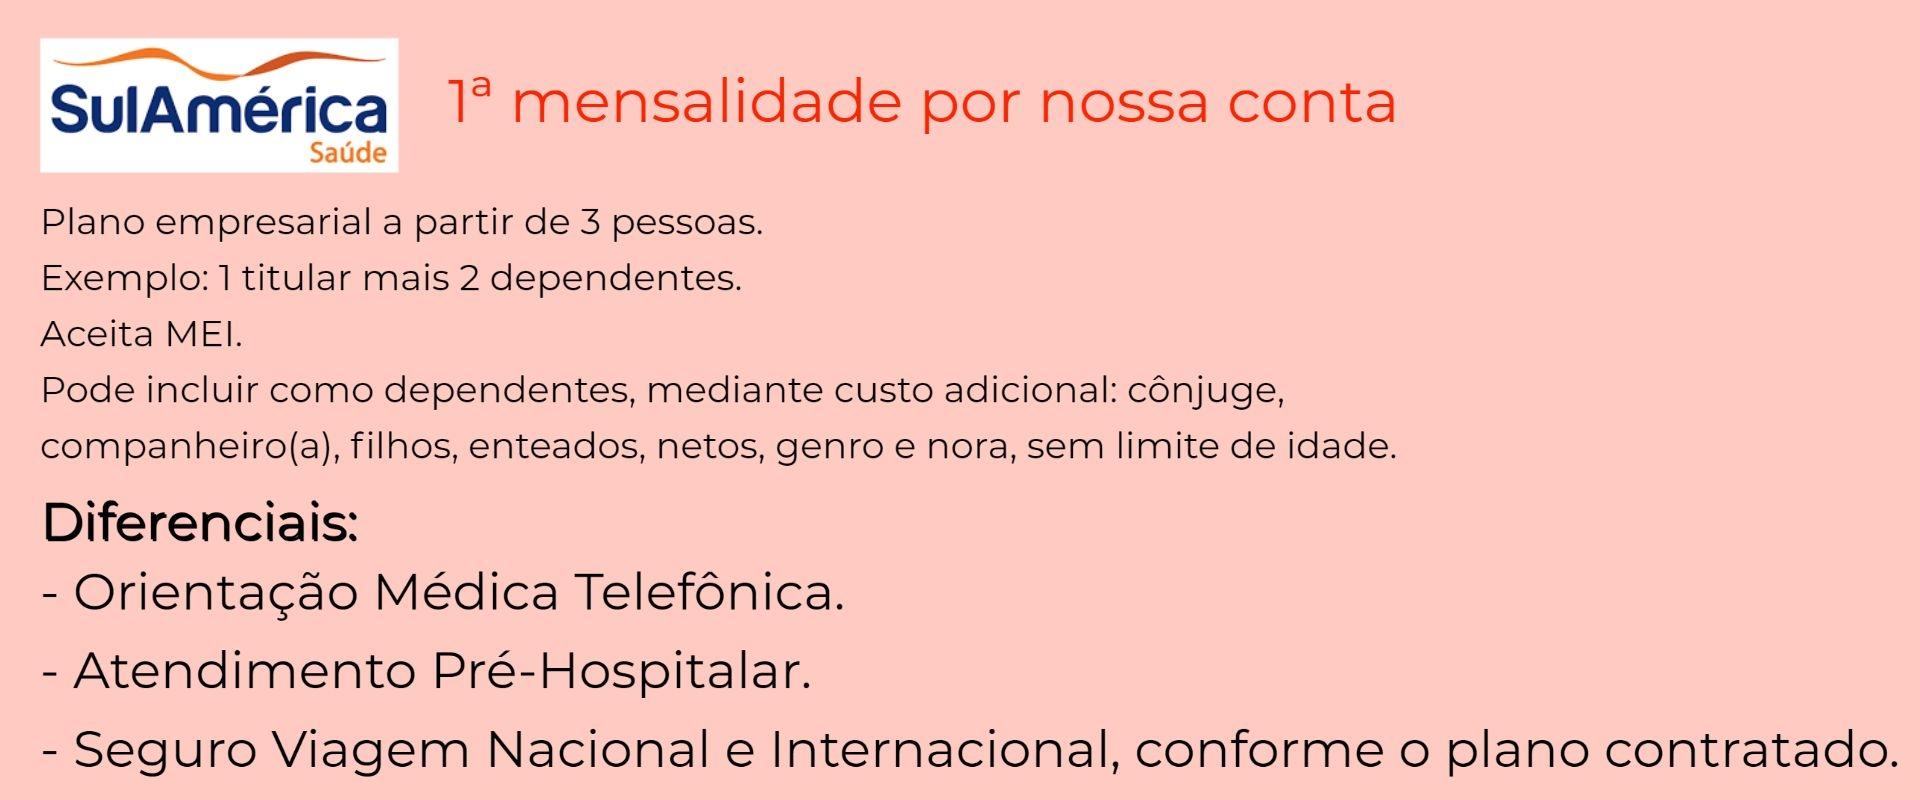 Sul América Saúde Empresarial - São Carlos